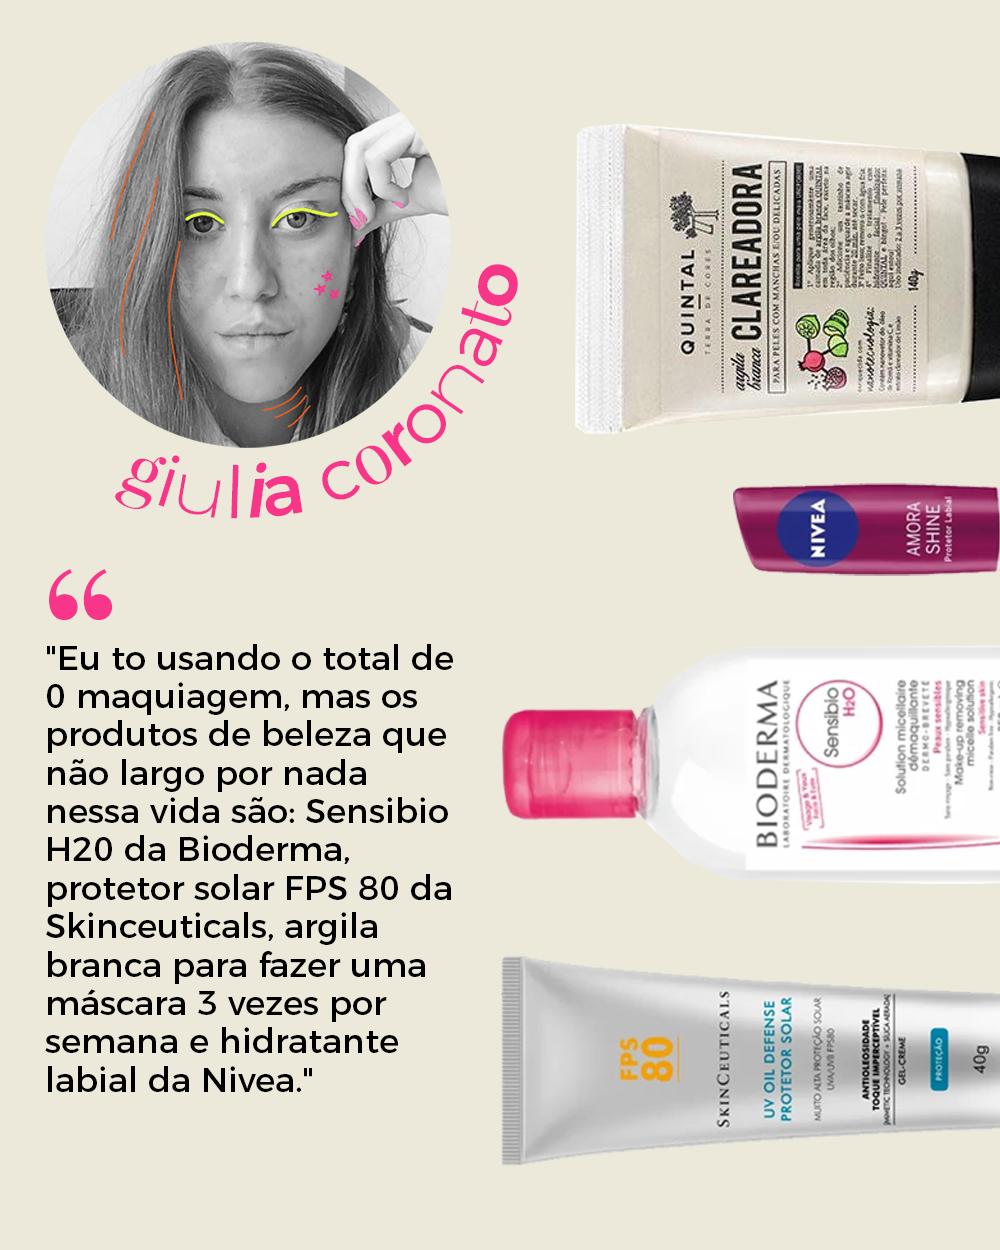 Giulia Coronato - produtos de beleza -      -      -      - https://stealthelook.com.br